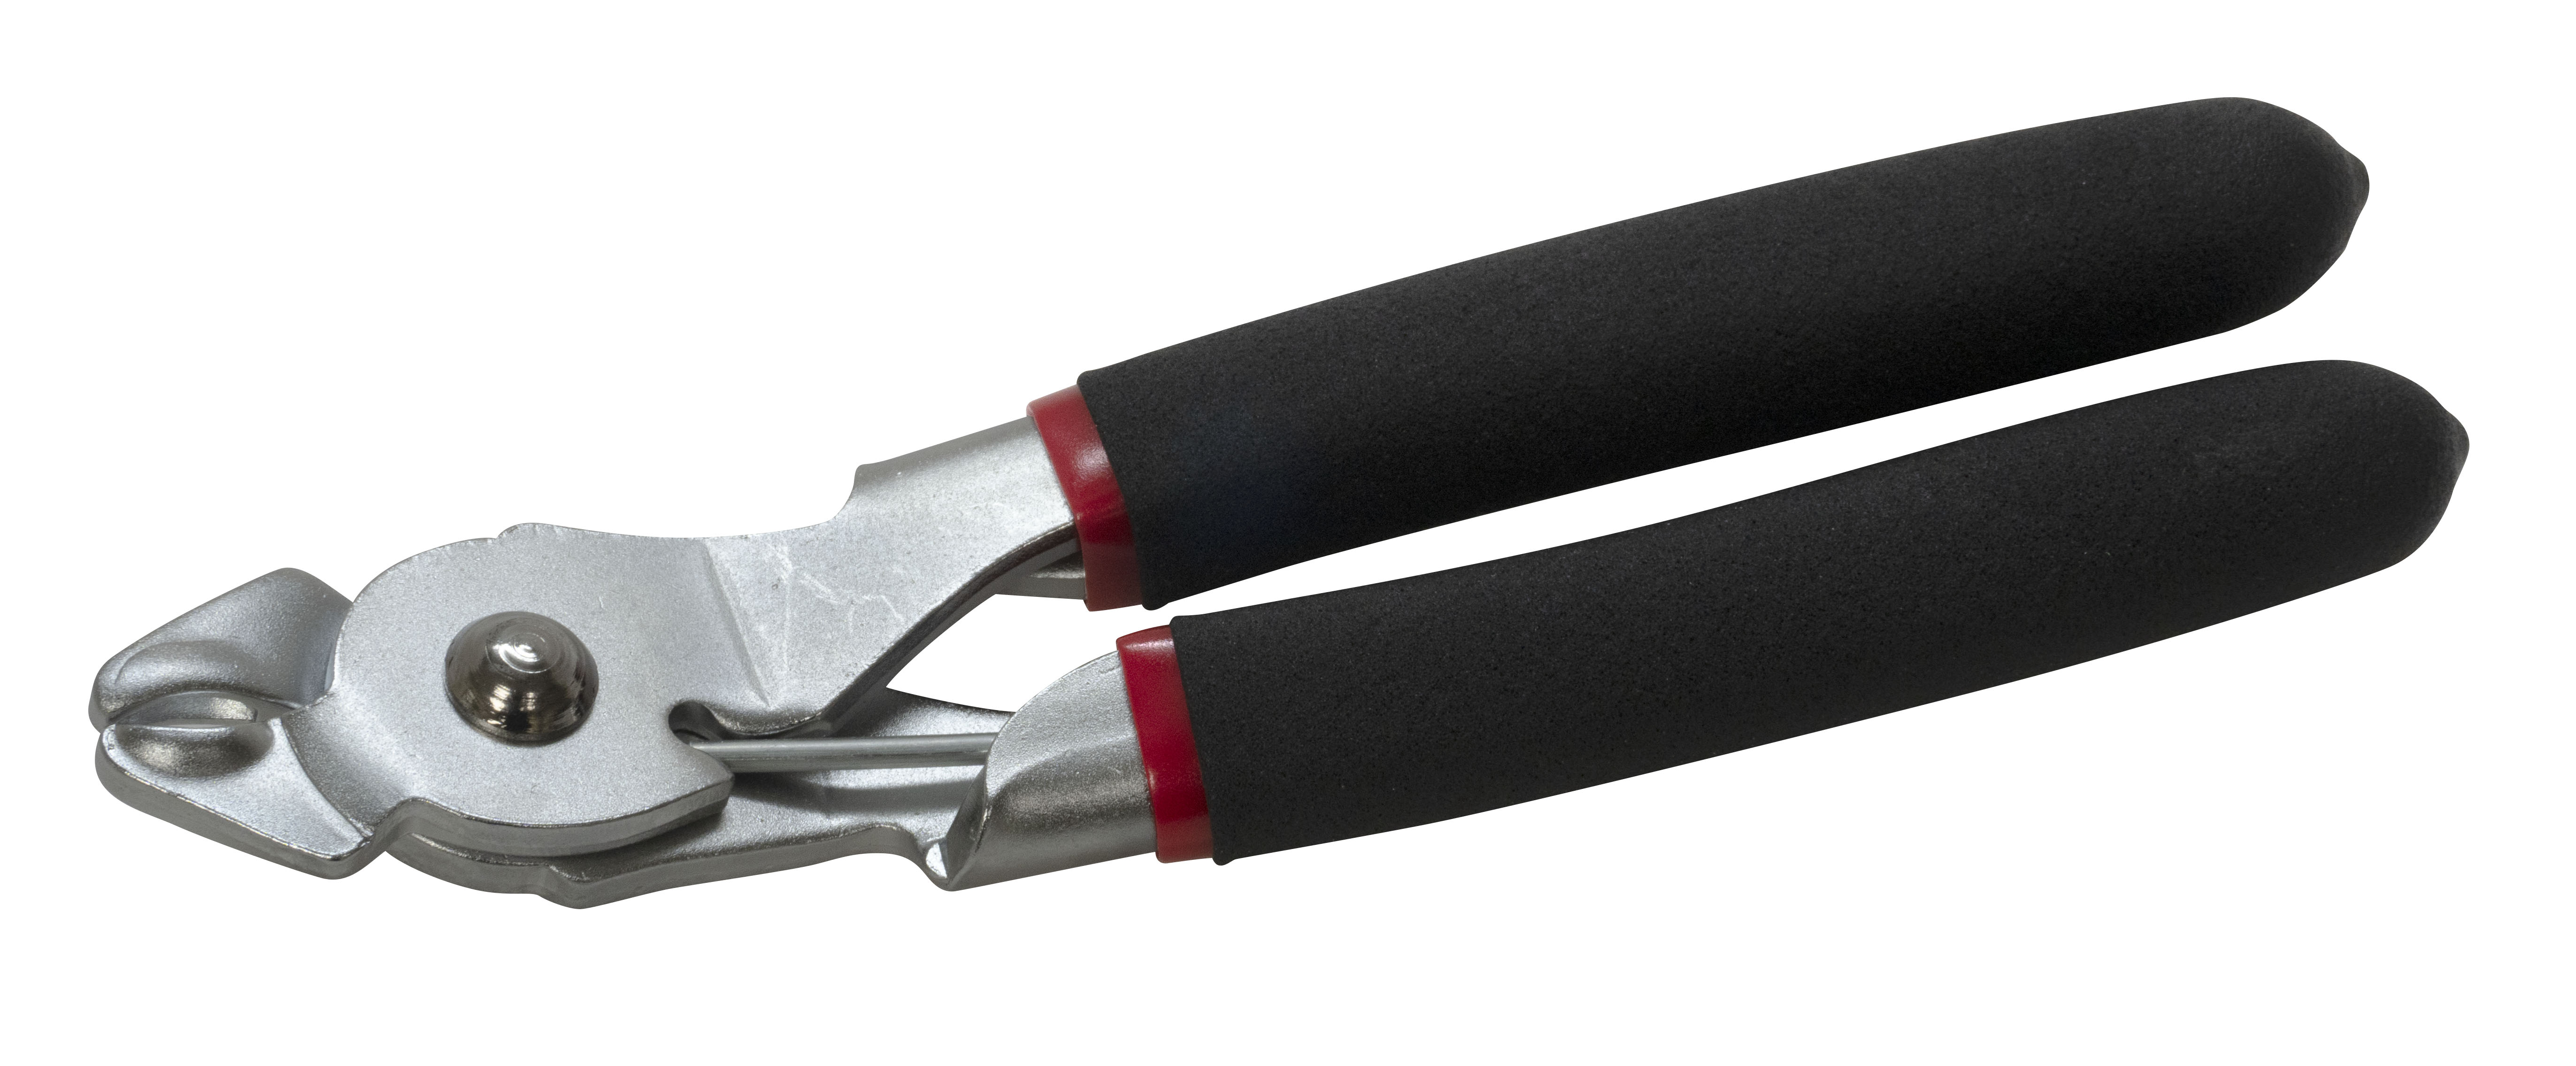 Lisle Tool 61410 Angled Hog Ring Pliers